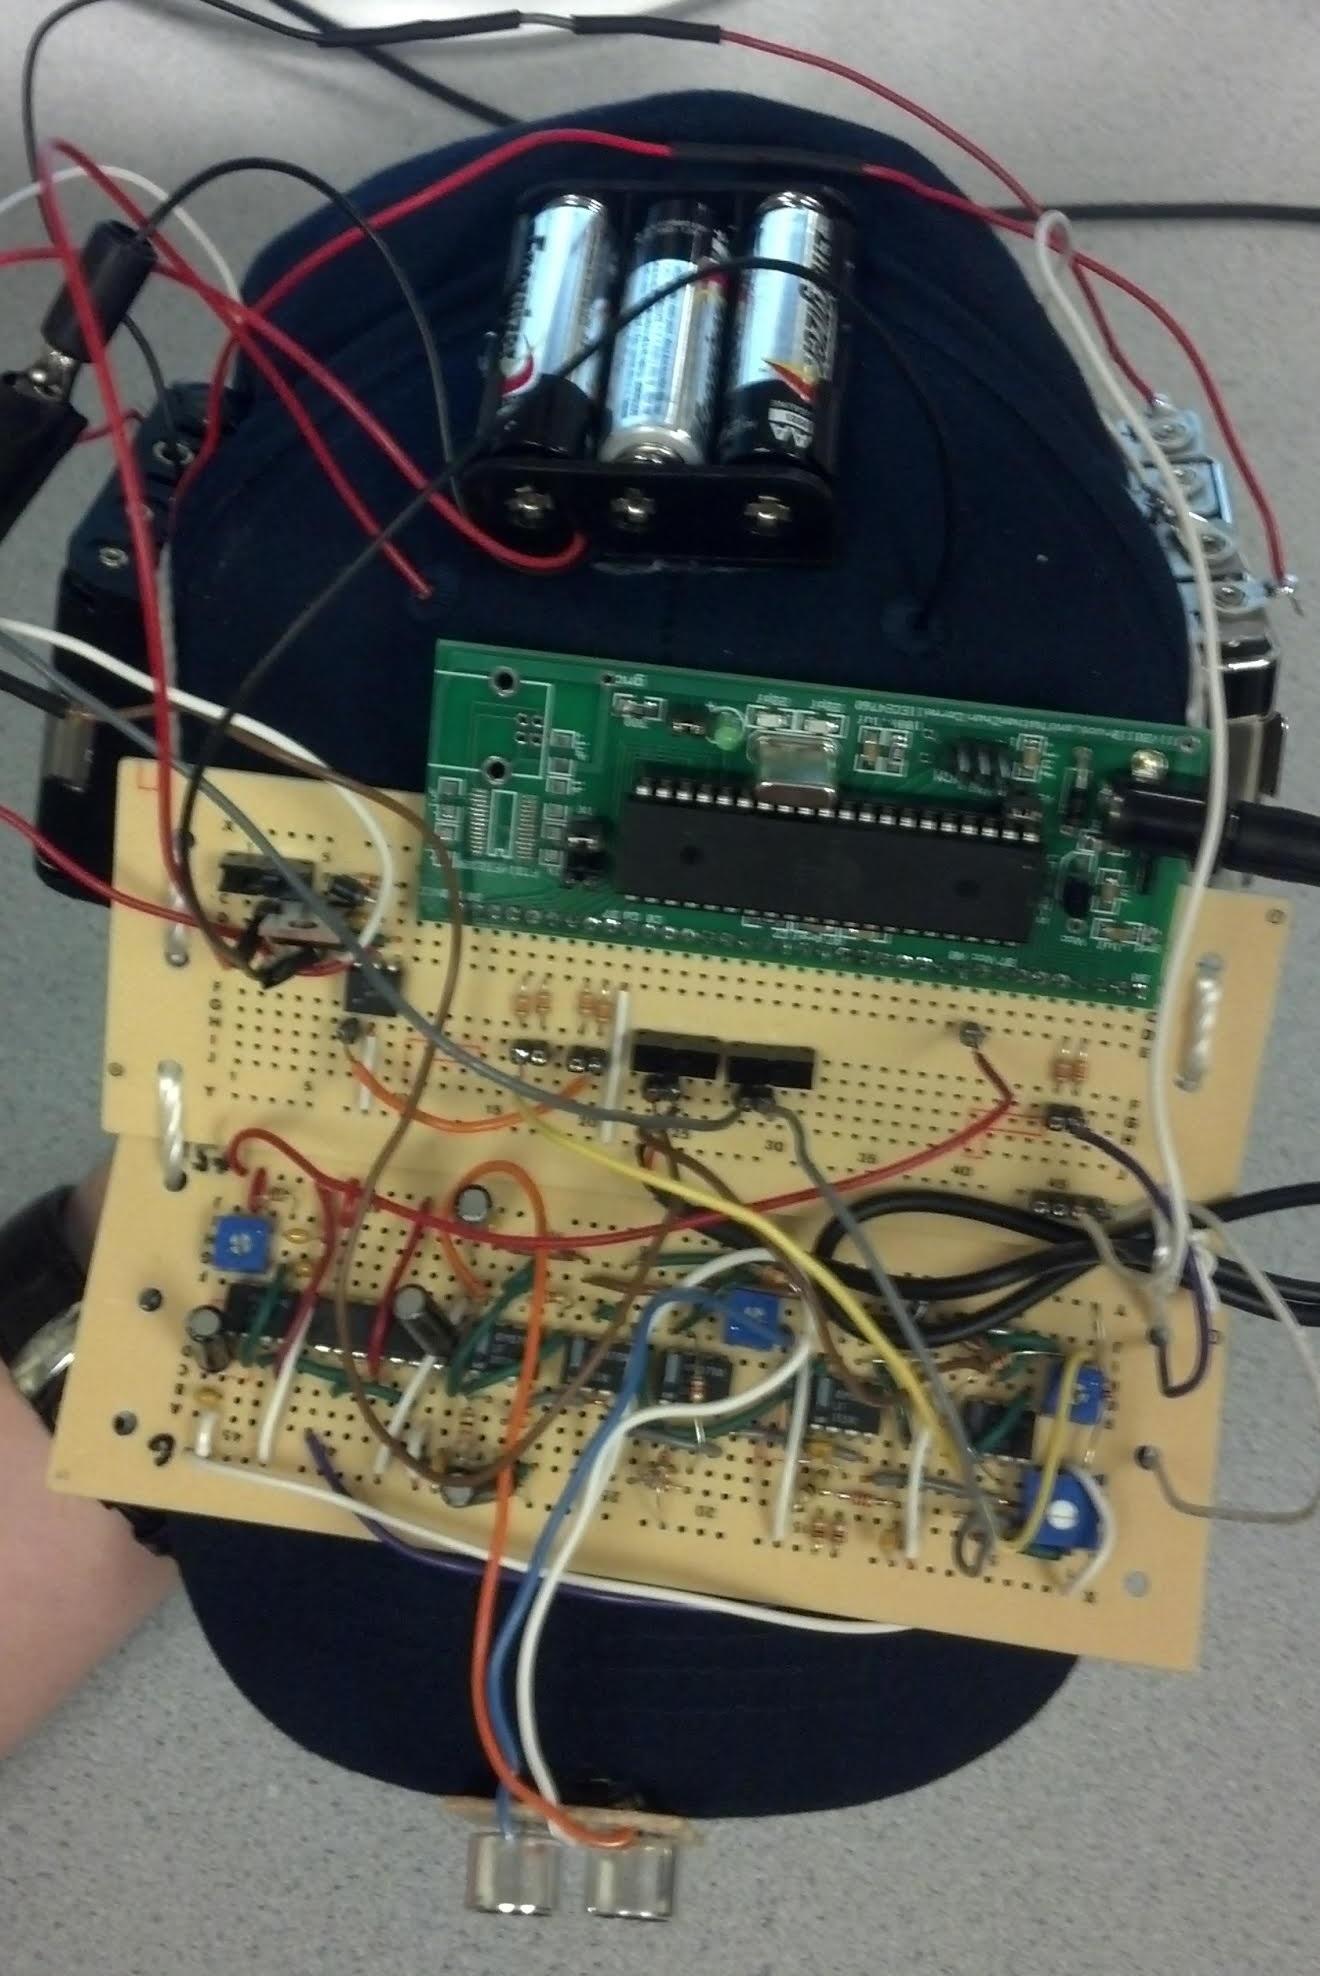 Ece 4760 The Bat Hat Detector Schematics Of Is Not Hardware Top